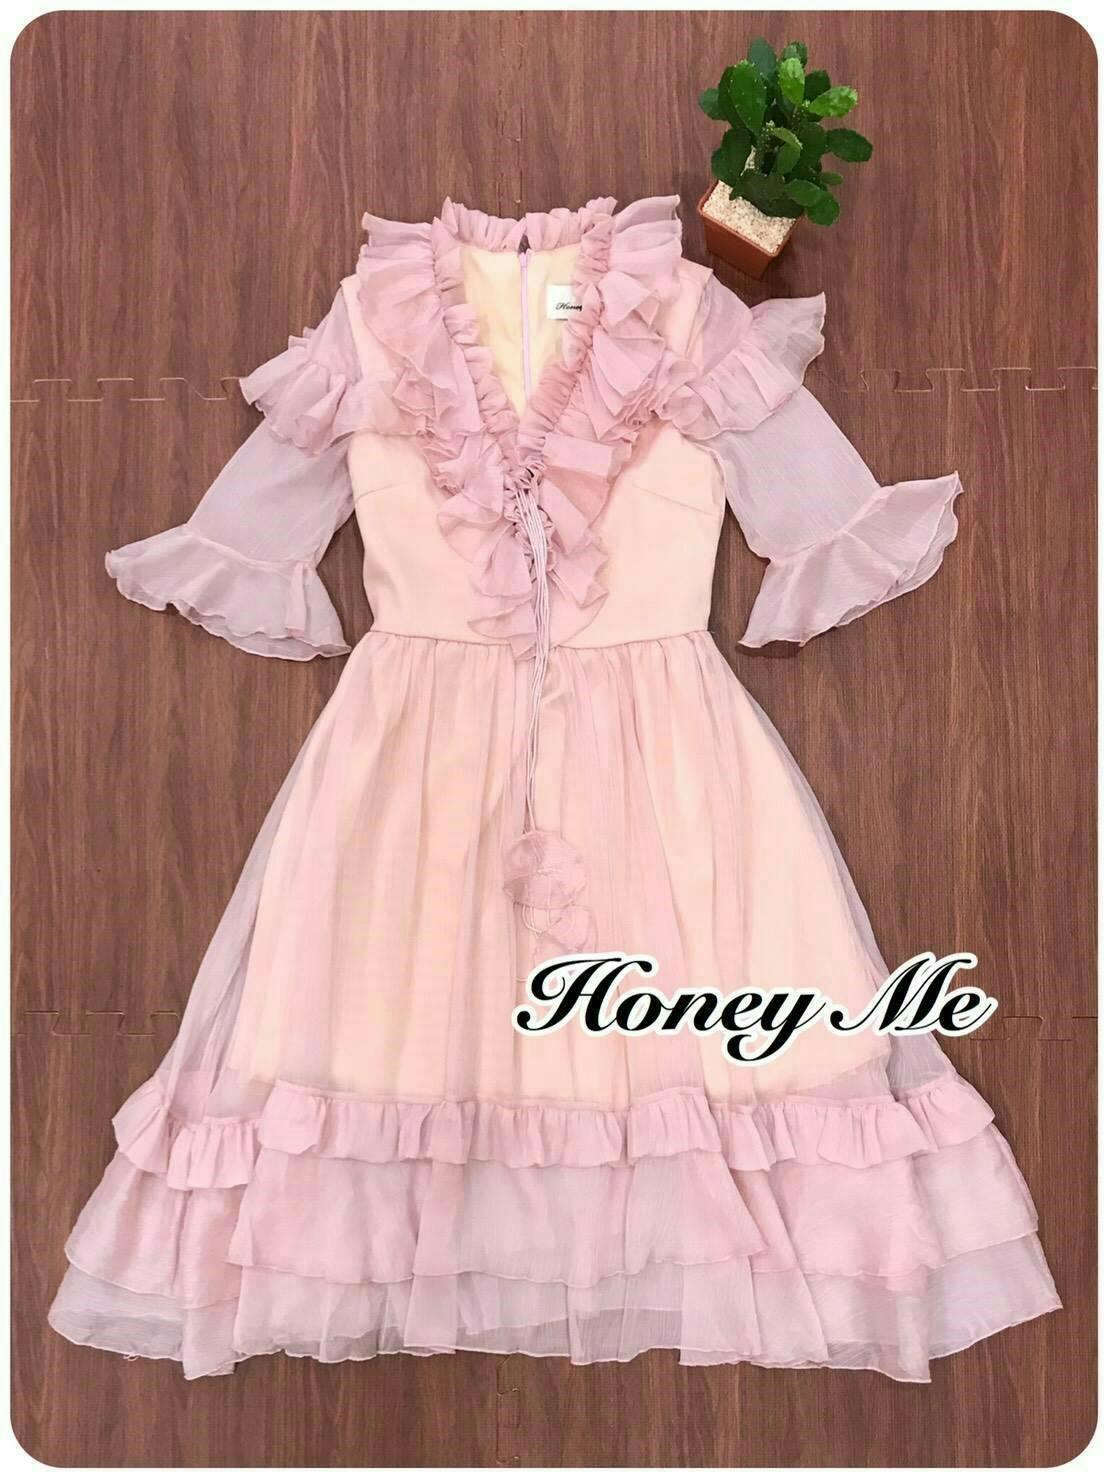 ชุดเดรสแฟชั่นพร้อมส่ง Dressงานคลาสสิคสีชมพู